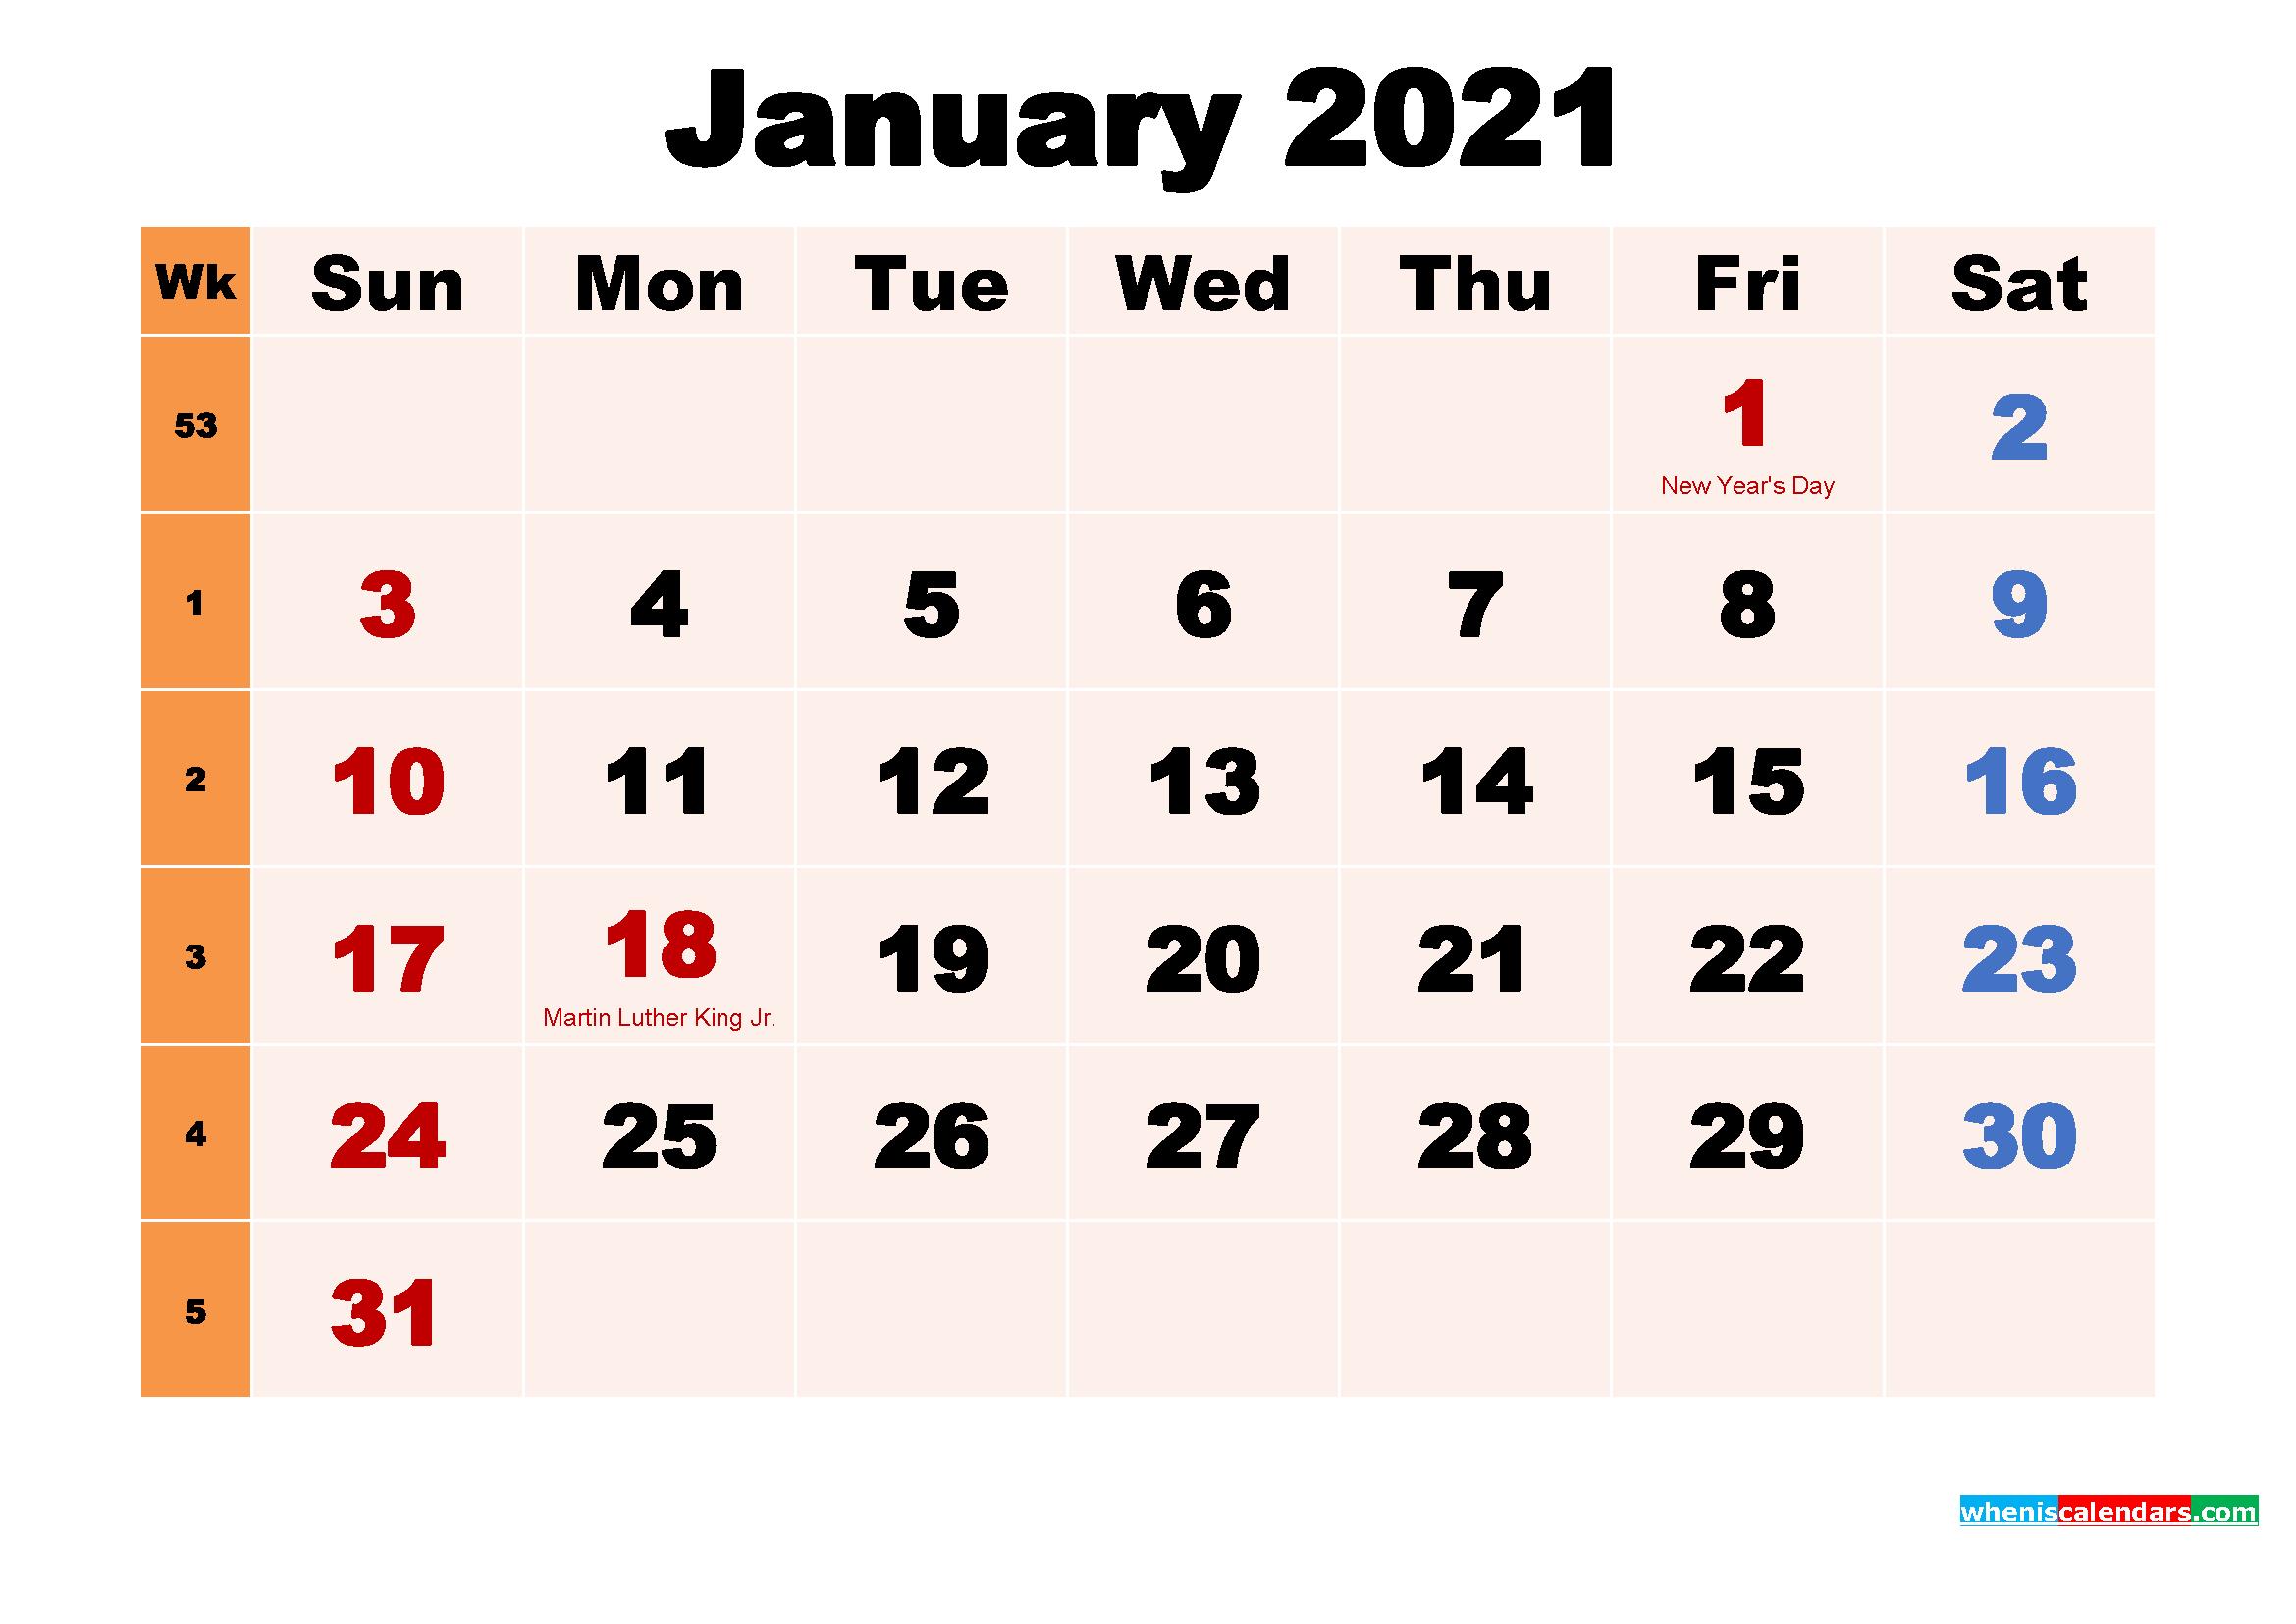 January 2021 Calendar Wallpaper Free Download